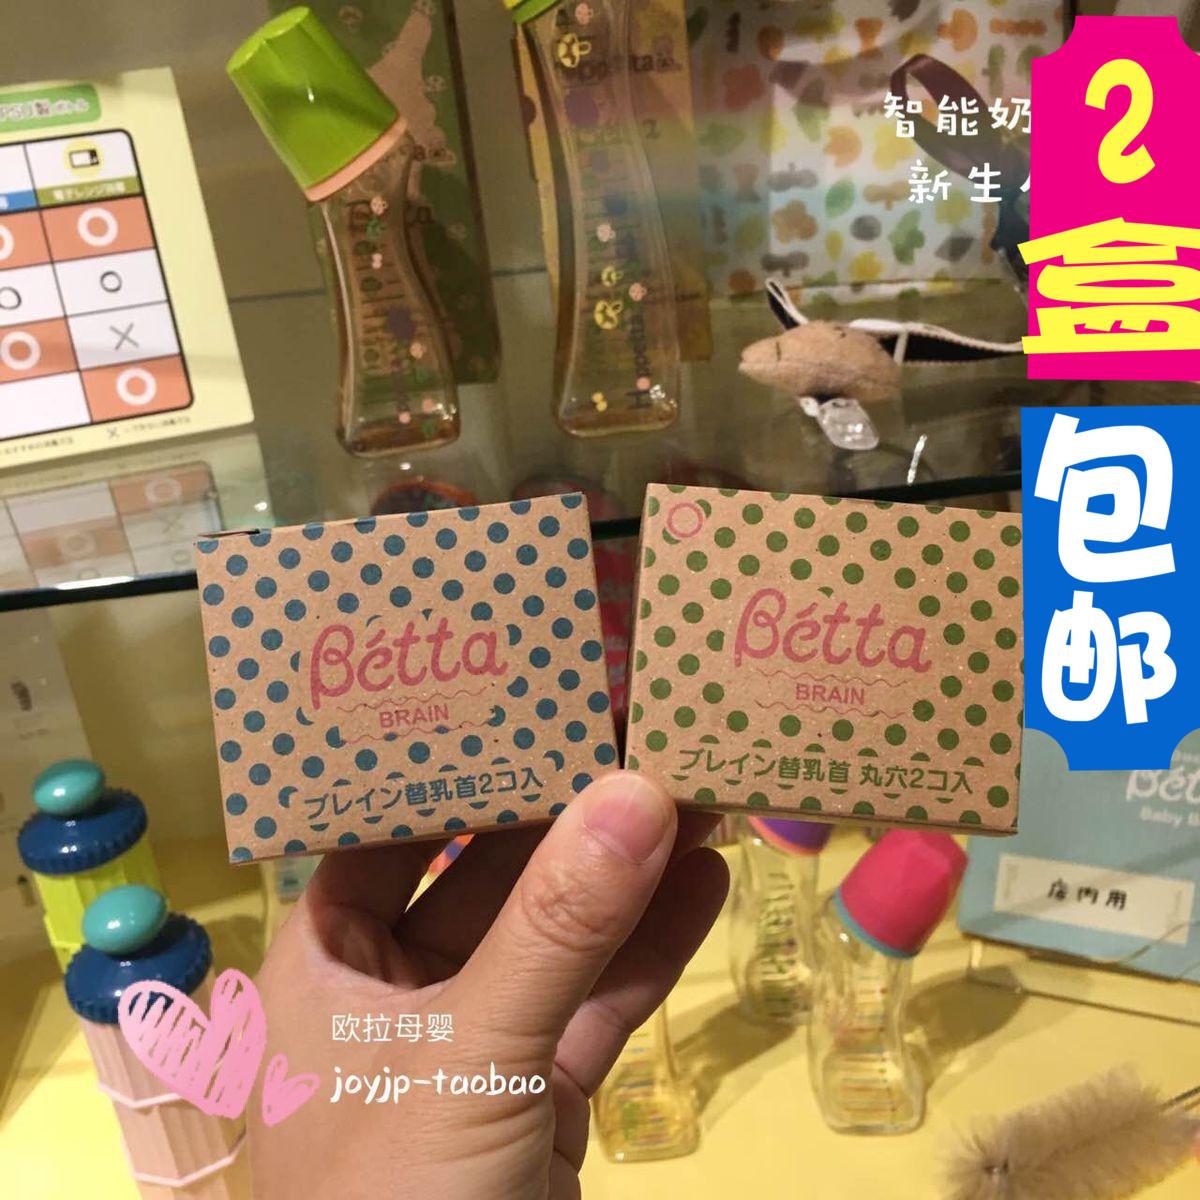 现货日本贝塔奶瓶Betta贝塔智能奶嘴智慧圆孔o孔十字记忆奶嘴